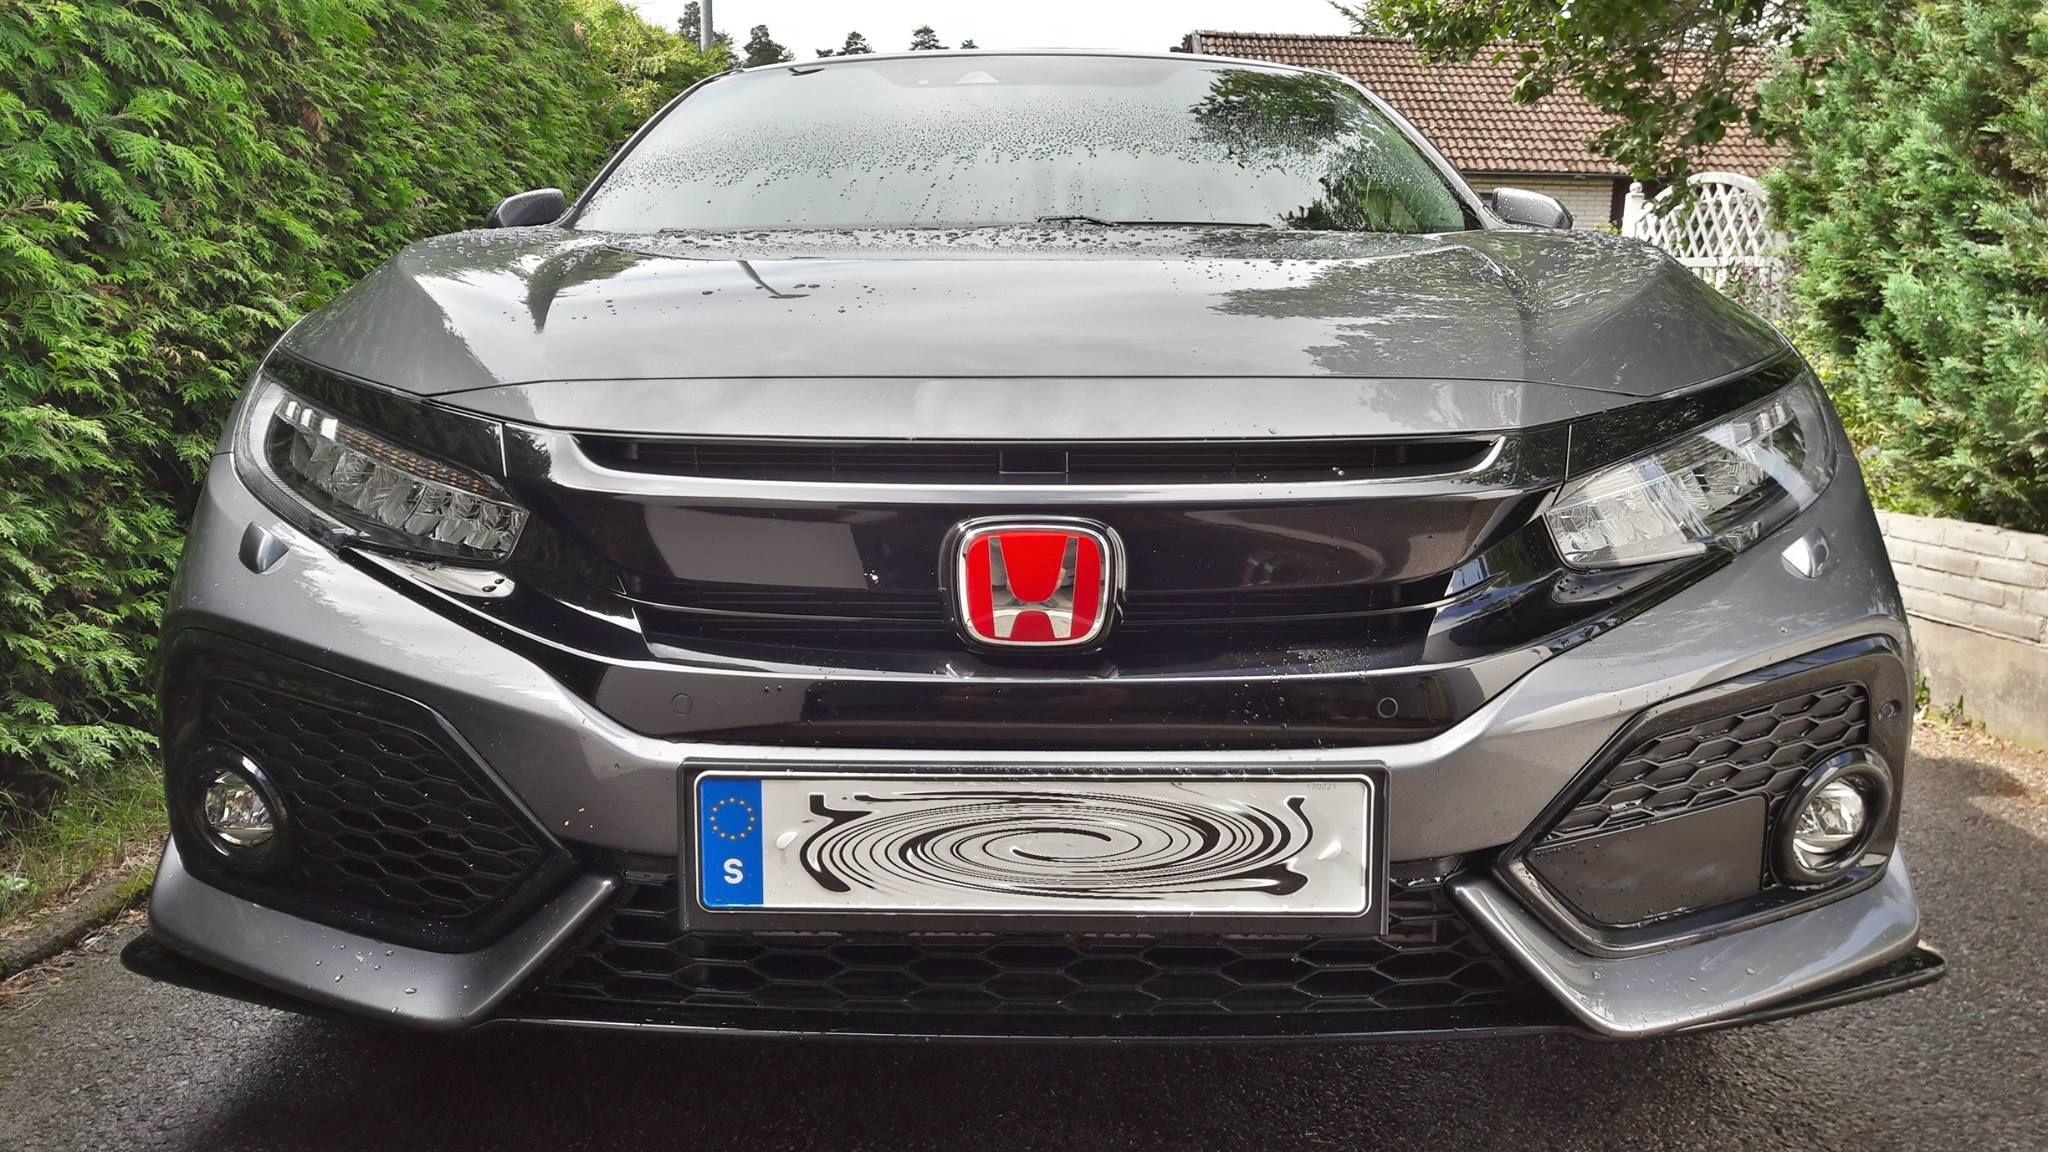 Red Emblems for 2017 Honda Civic Hatchback Sport Touring